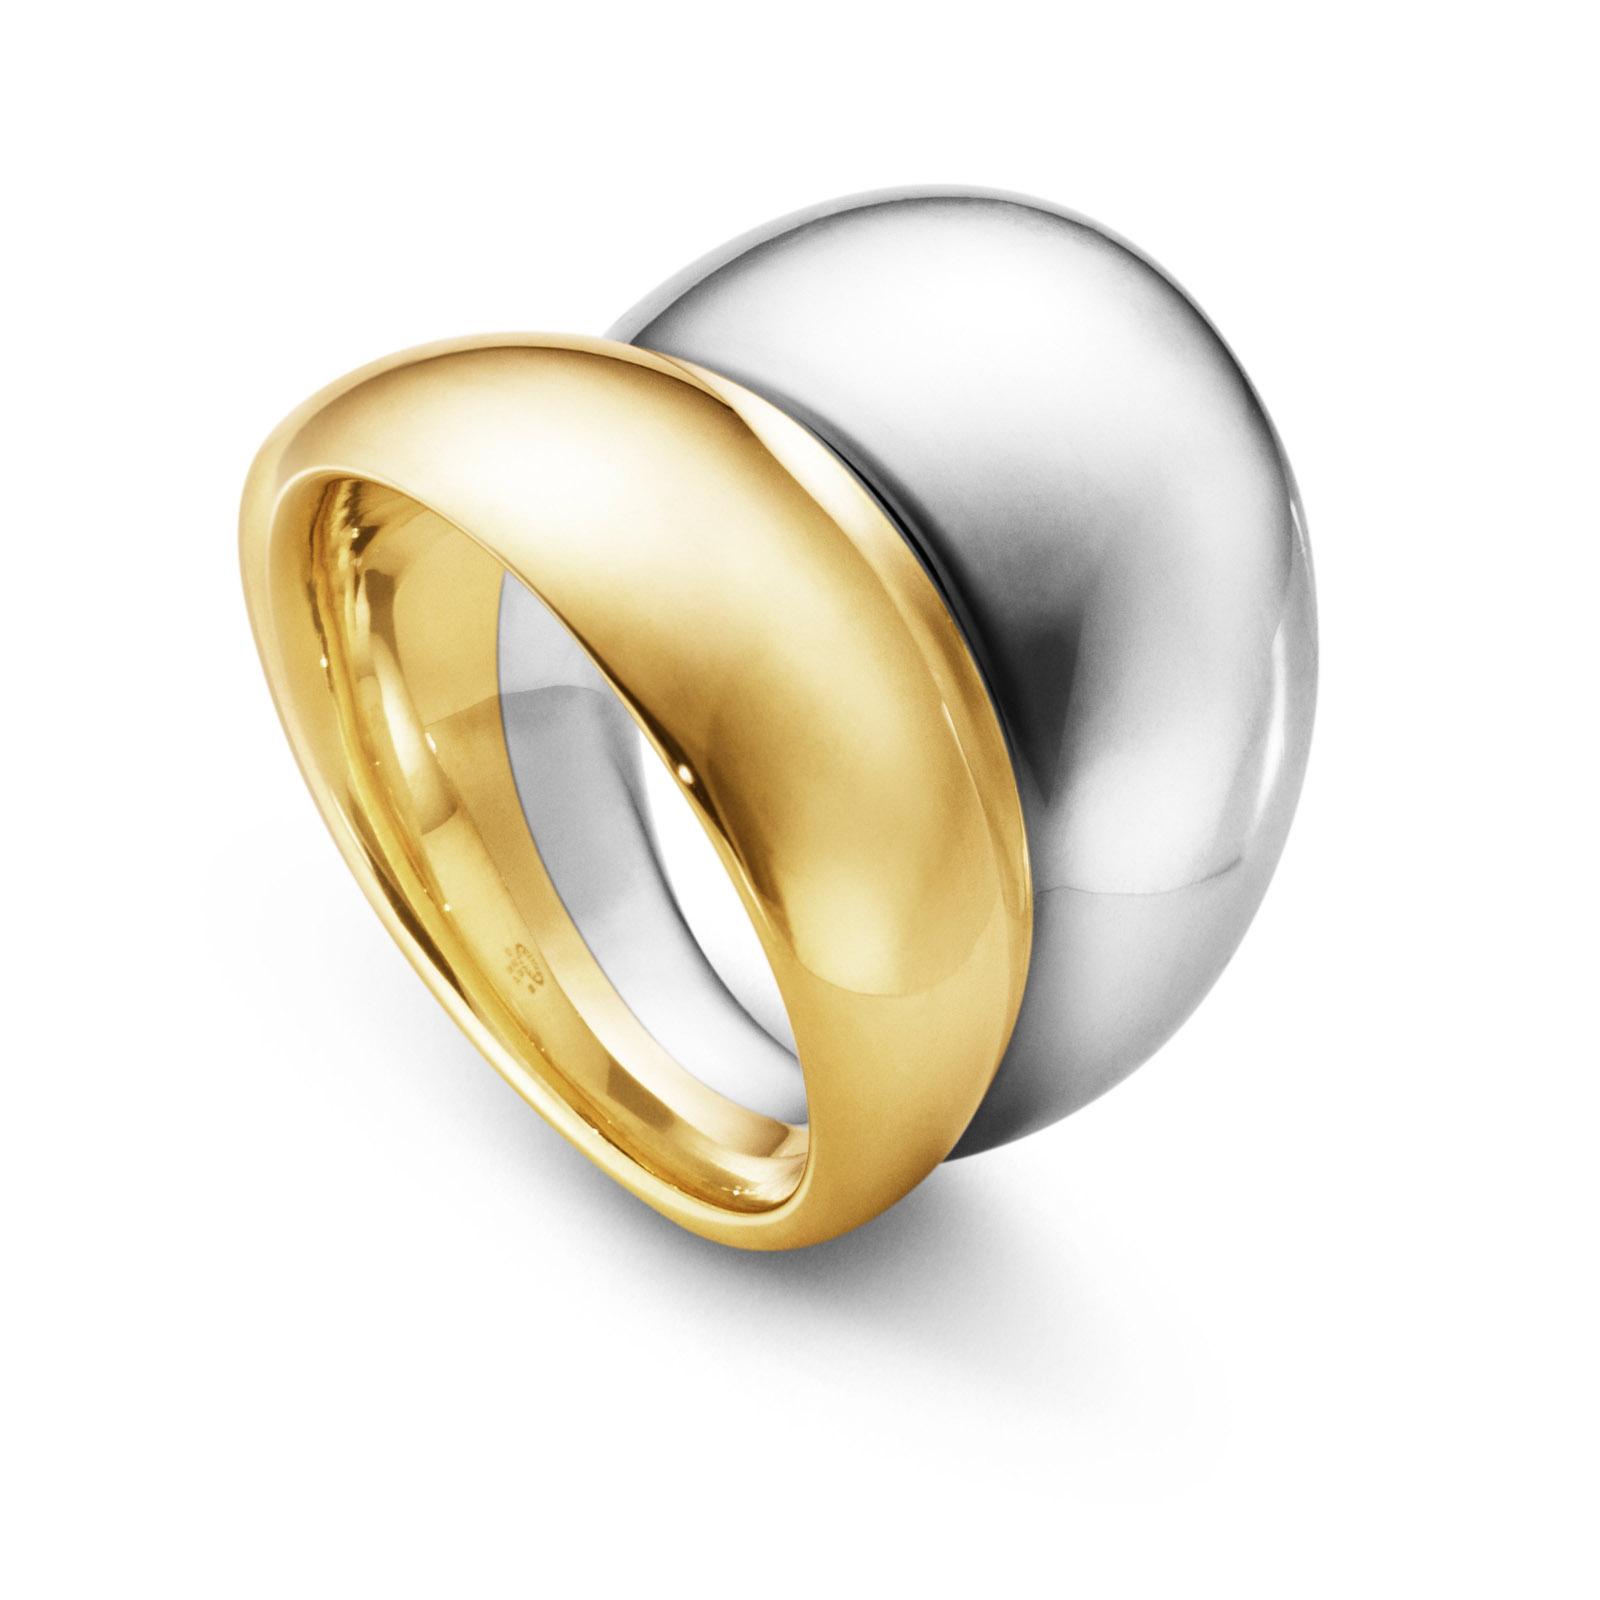 Mestergull Curve ring i gult gull og sølv - det perfekte uttrykket til to kurver, en i sølv og den andre i gult gull GEORG JENSEN Curve Ring